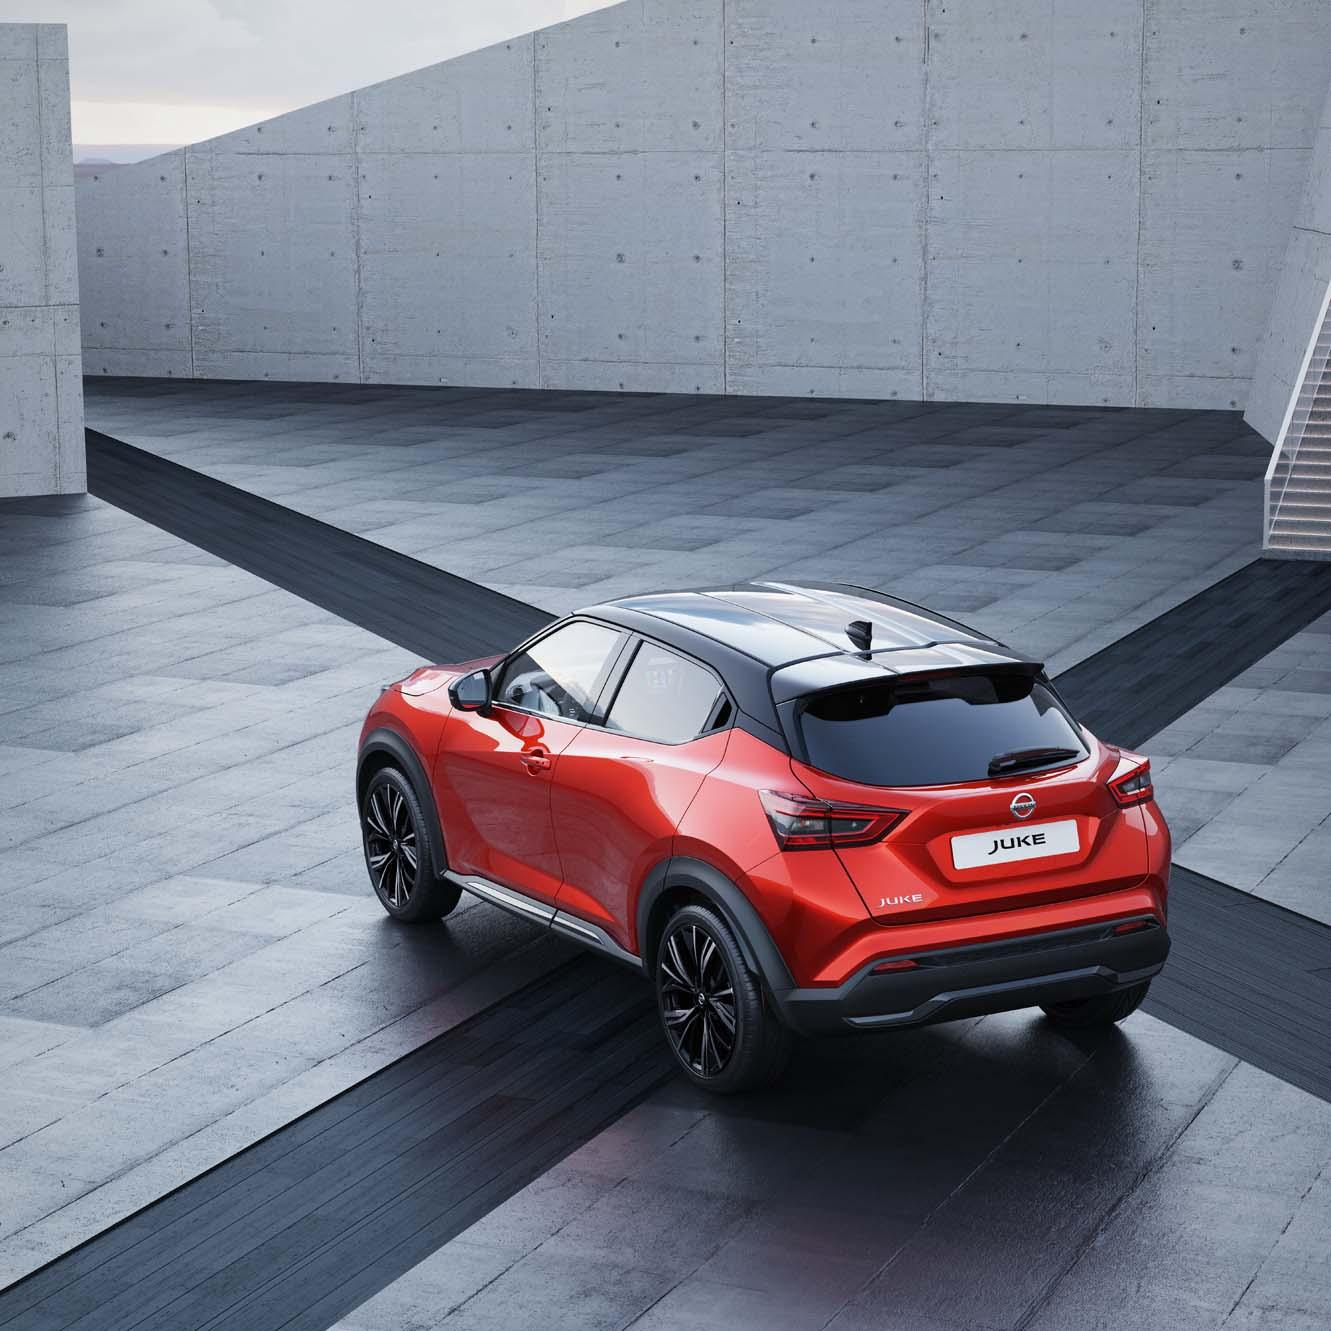 Nissan-Juke-2020-35